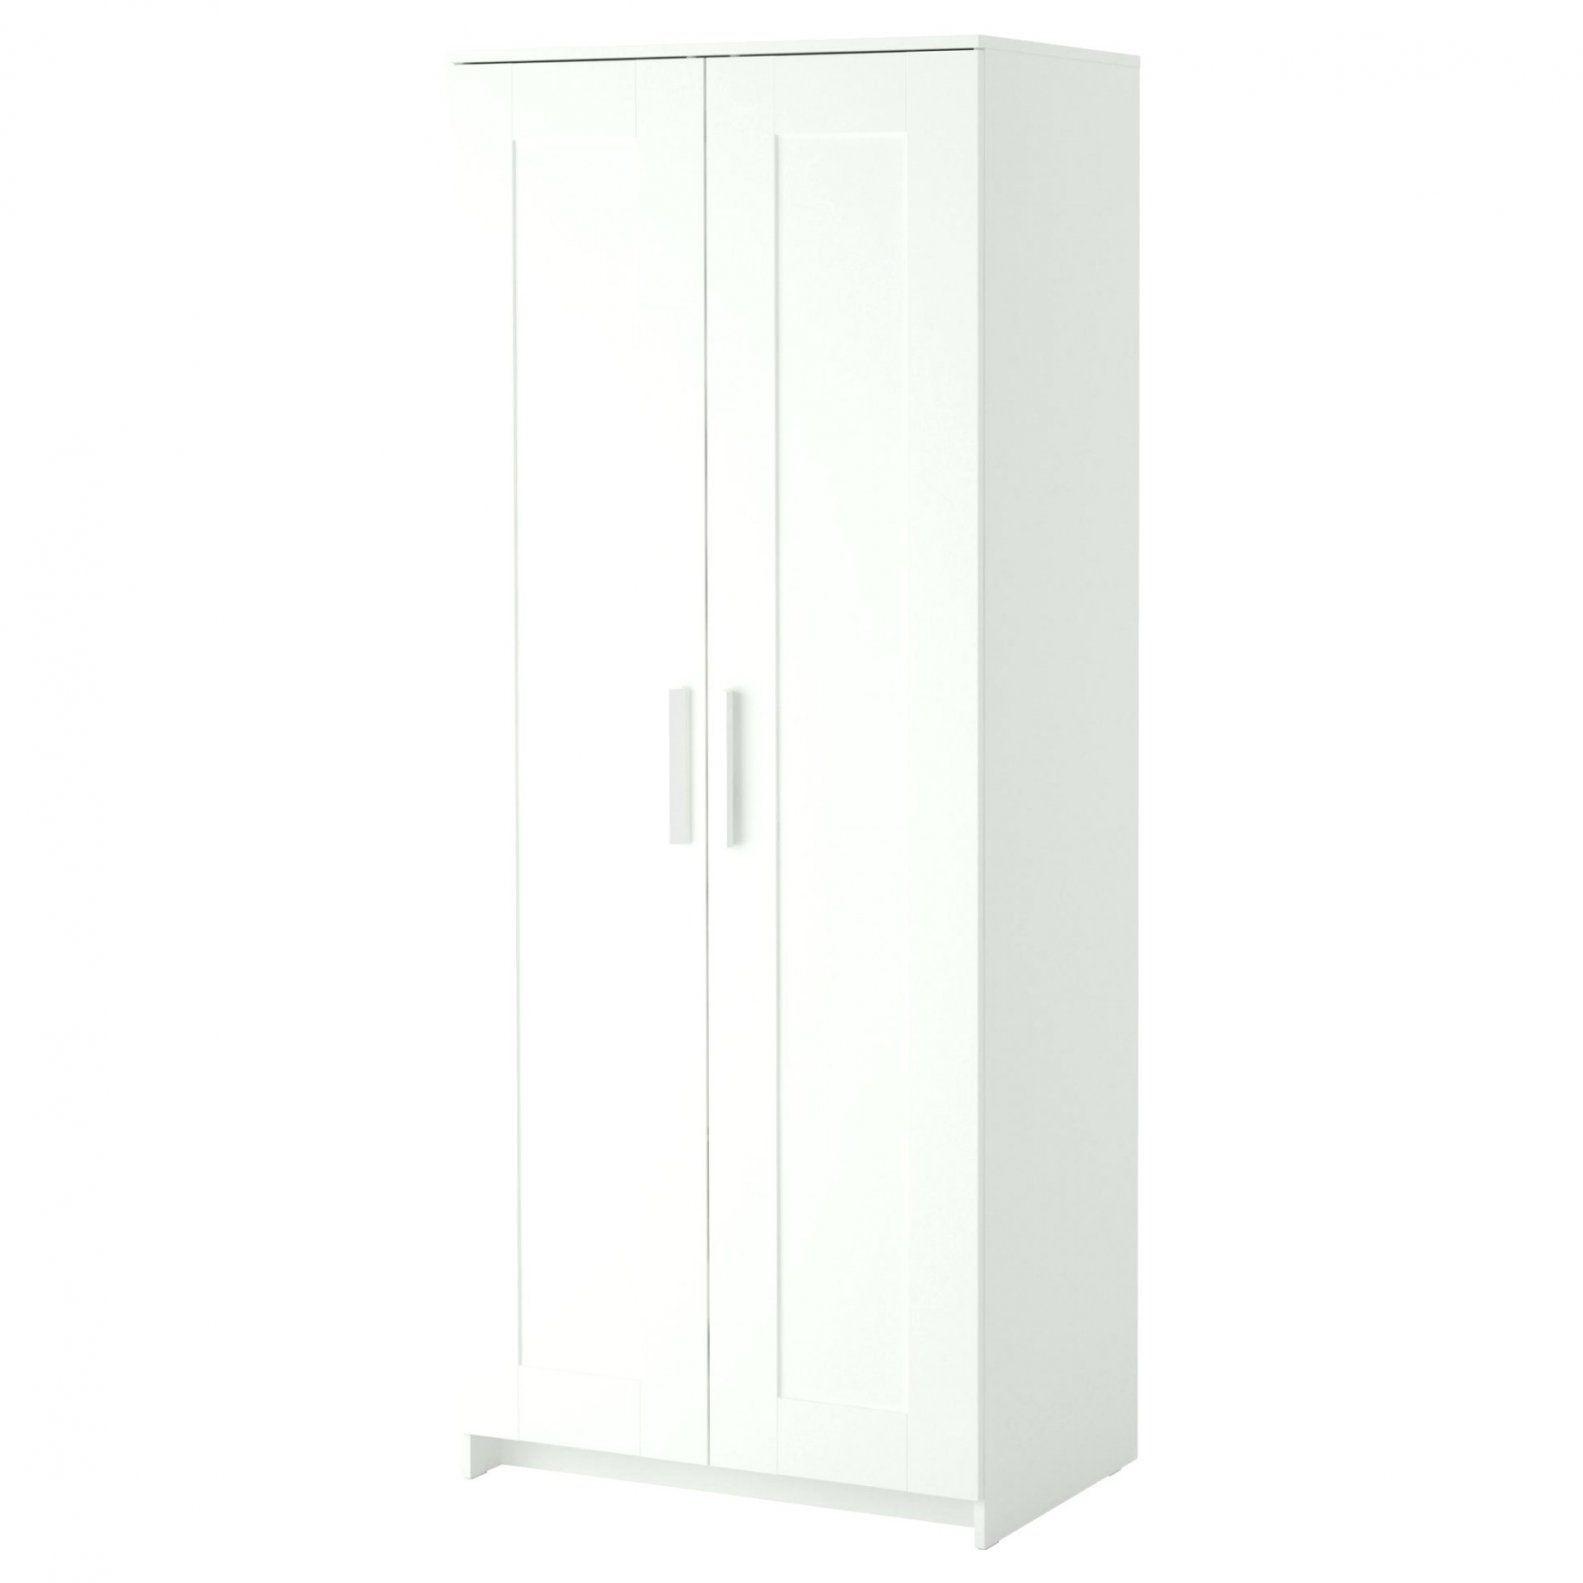 Perfekt Schick Kleiderschrank 120 Cm Breit Pax Kleiderschränke von Kleiderschrank 120 Cm Breit Ikea Bild